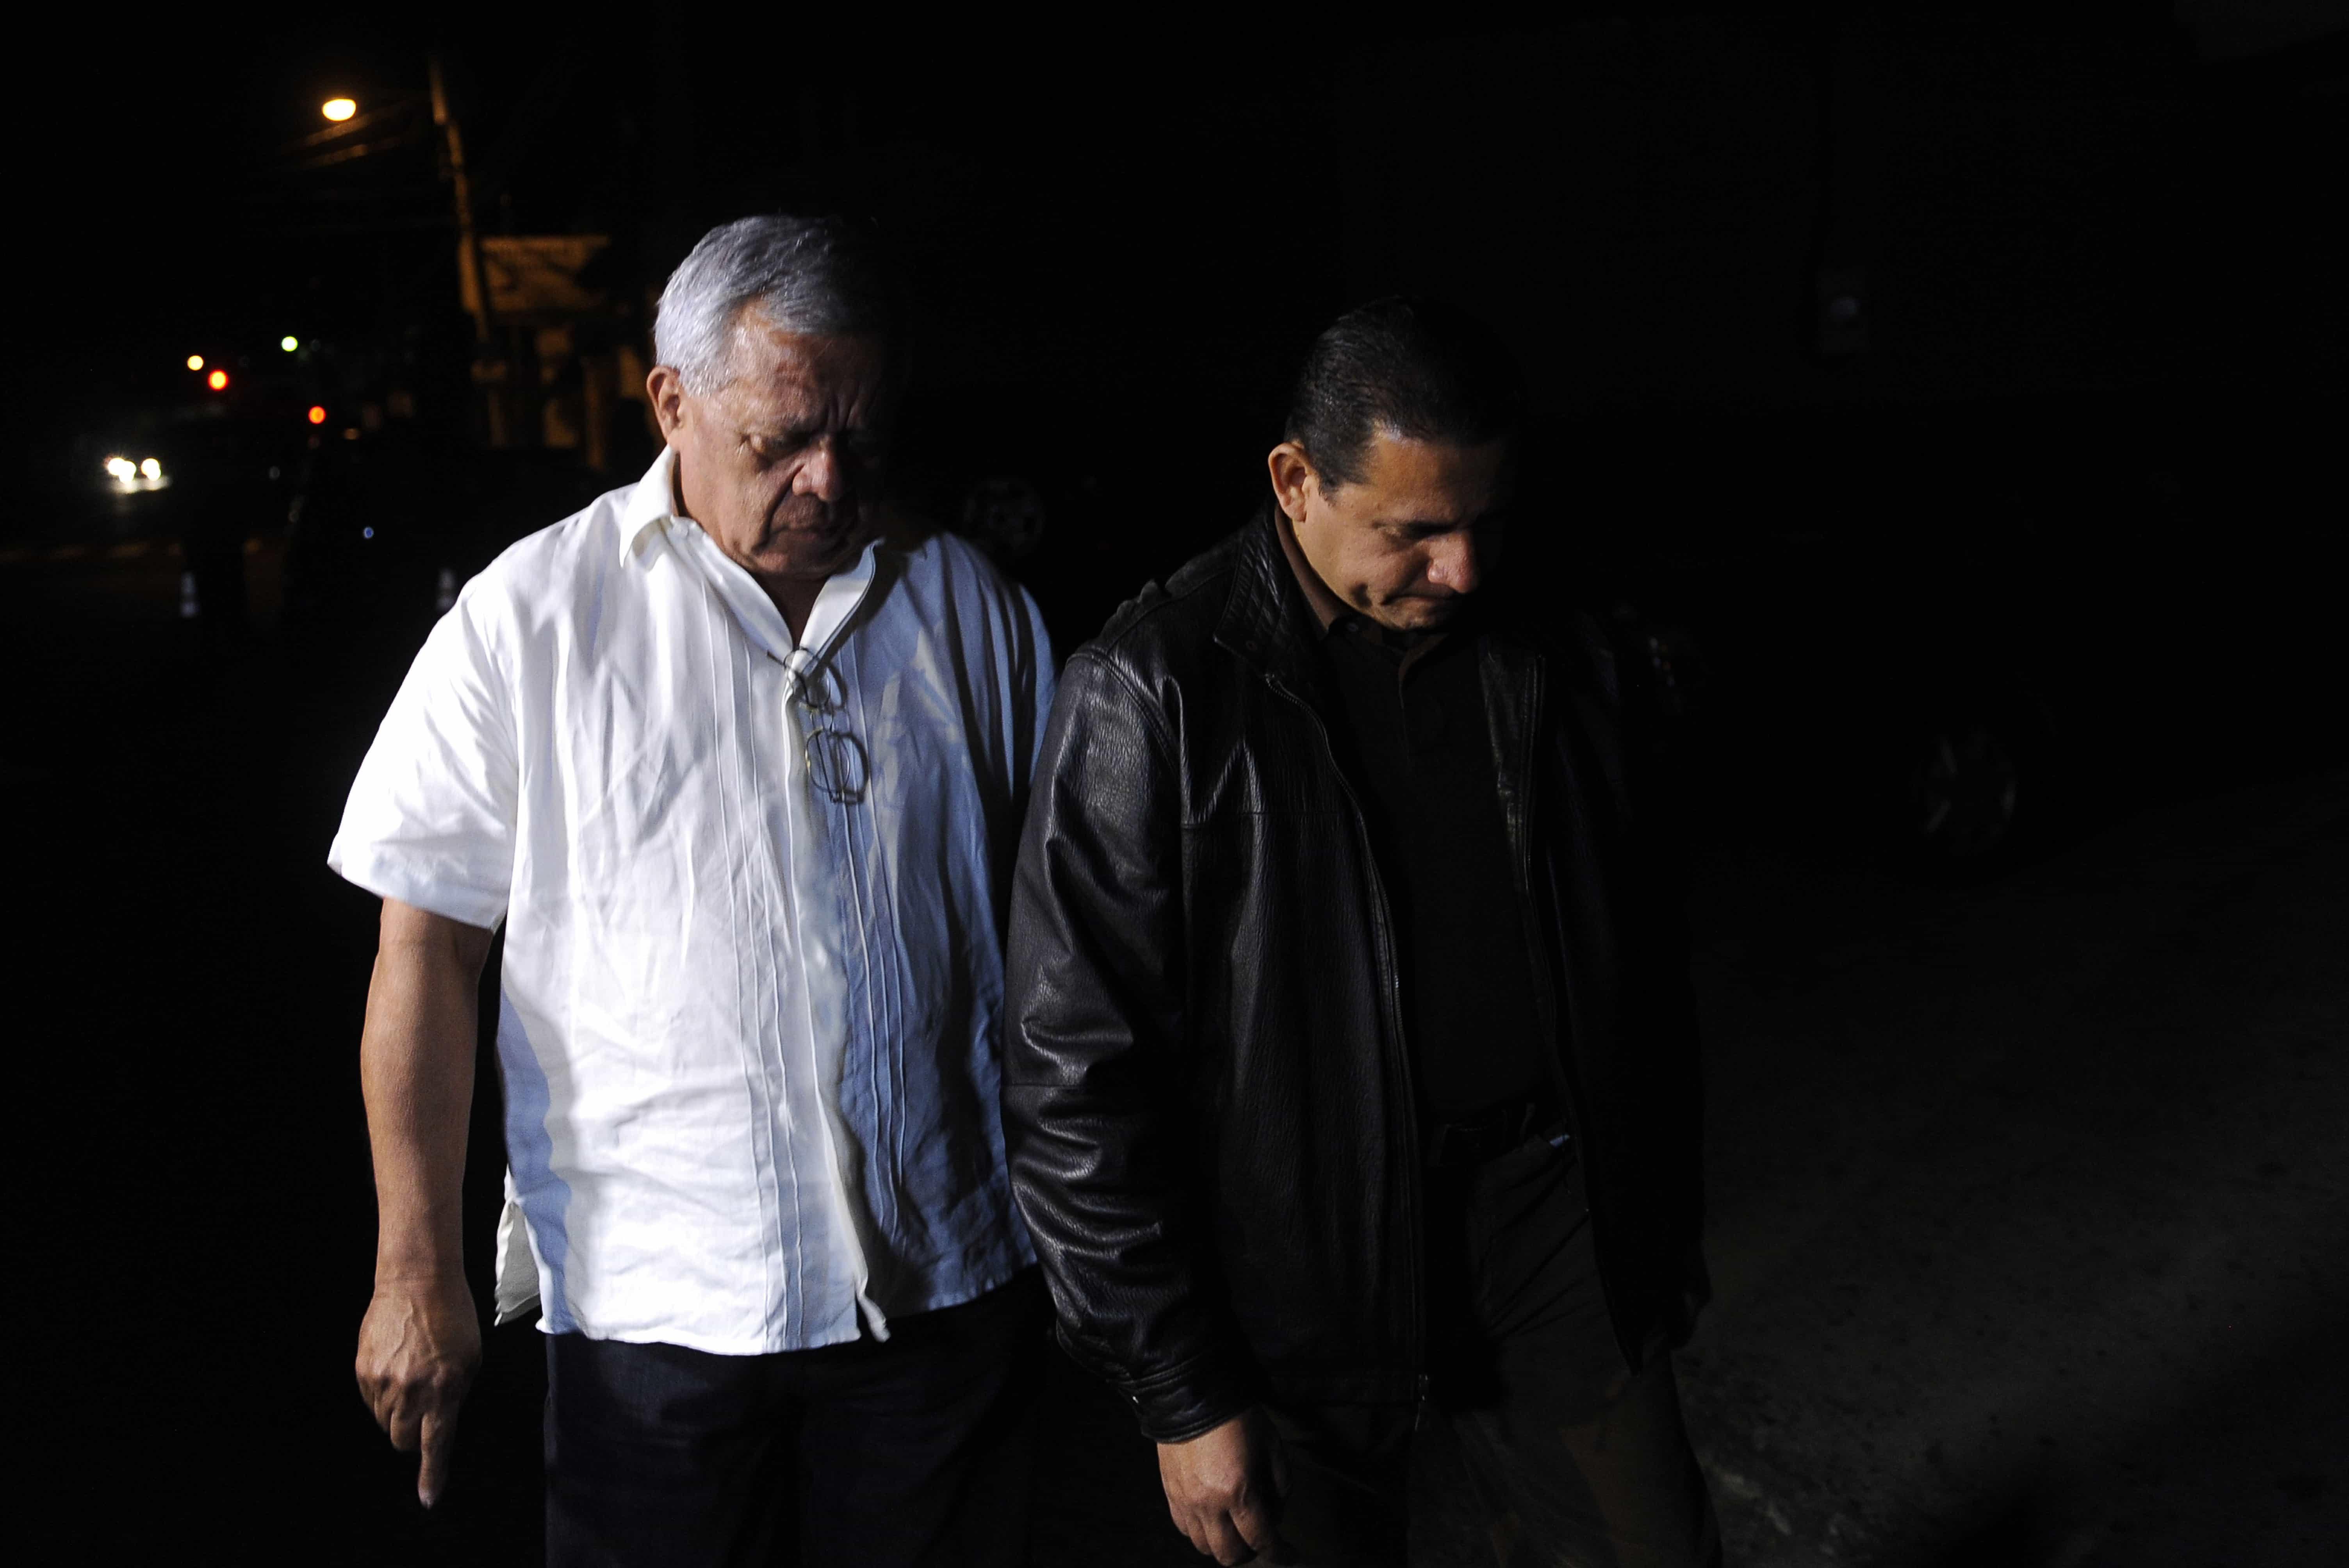 El Salvador Jesuits killings